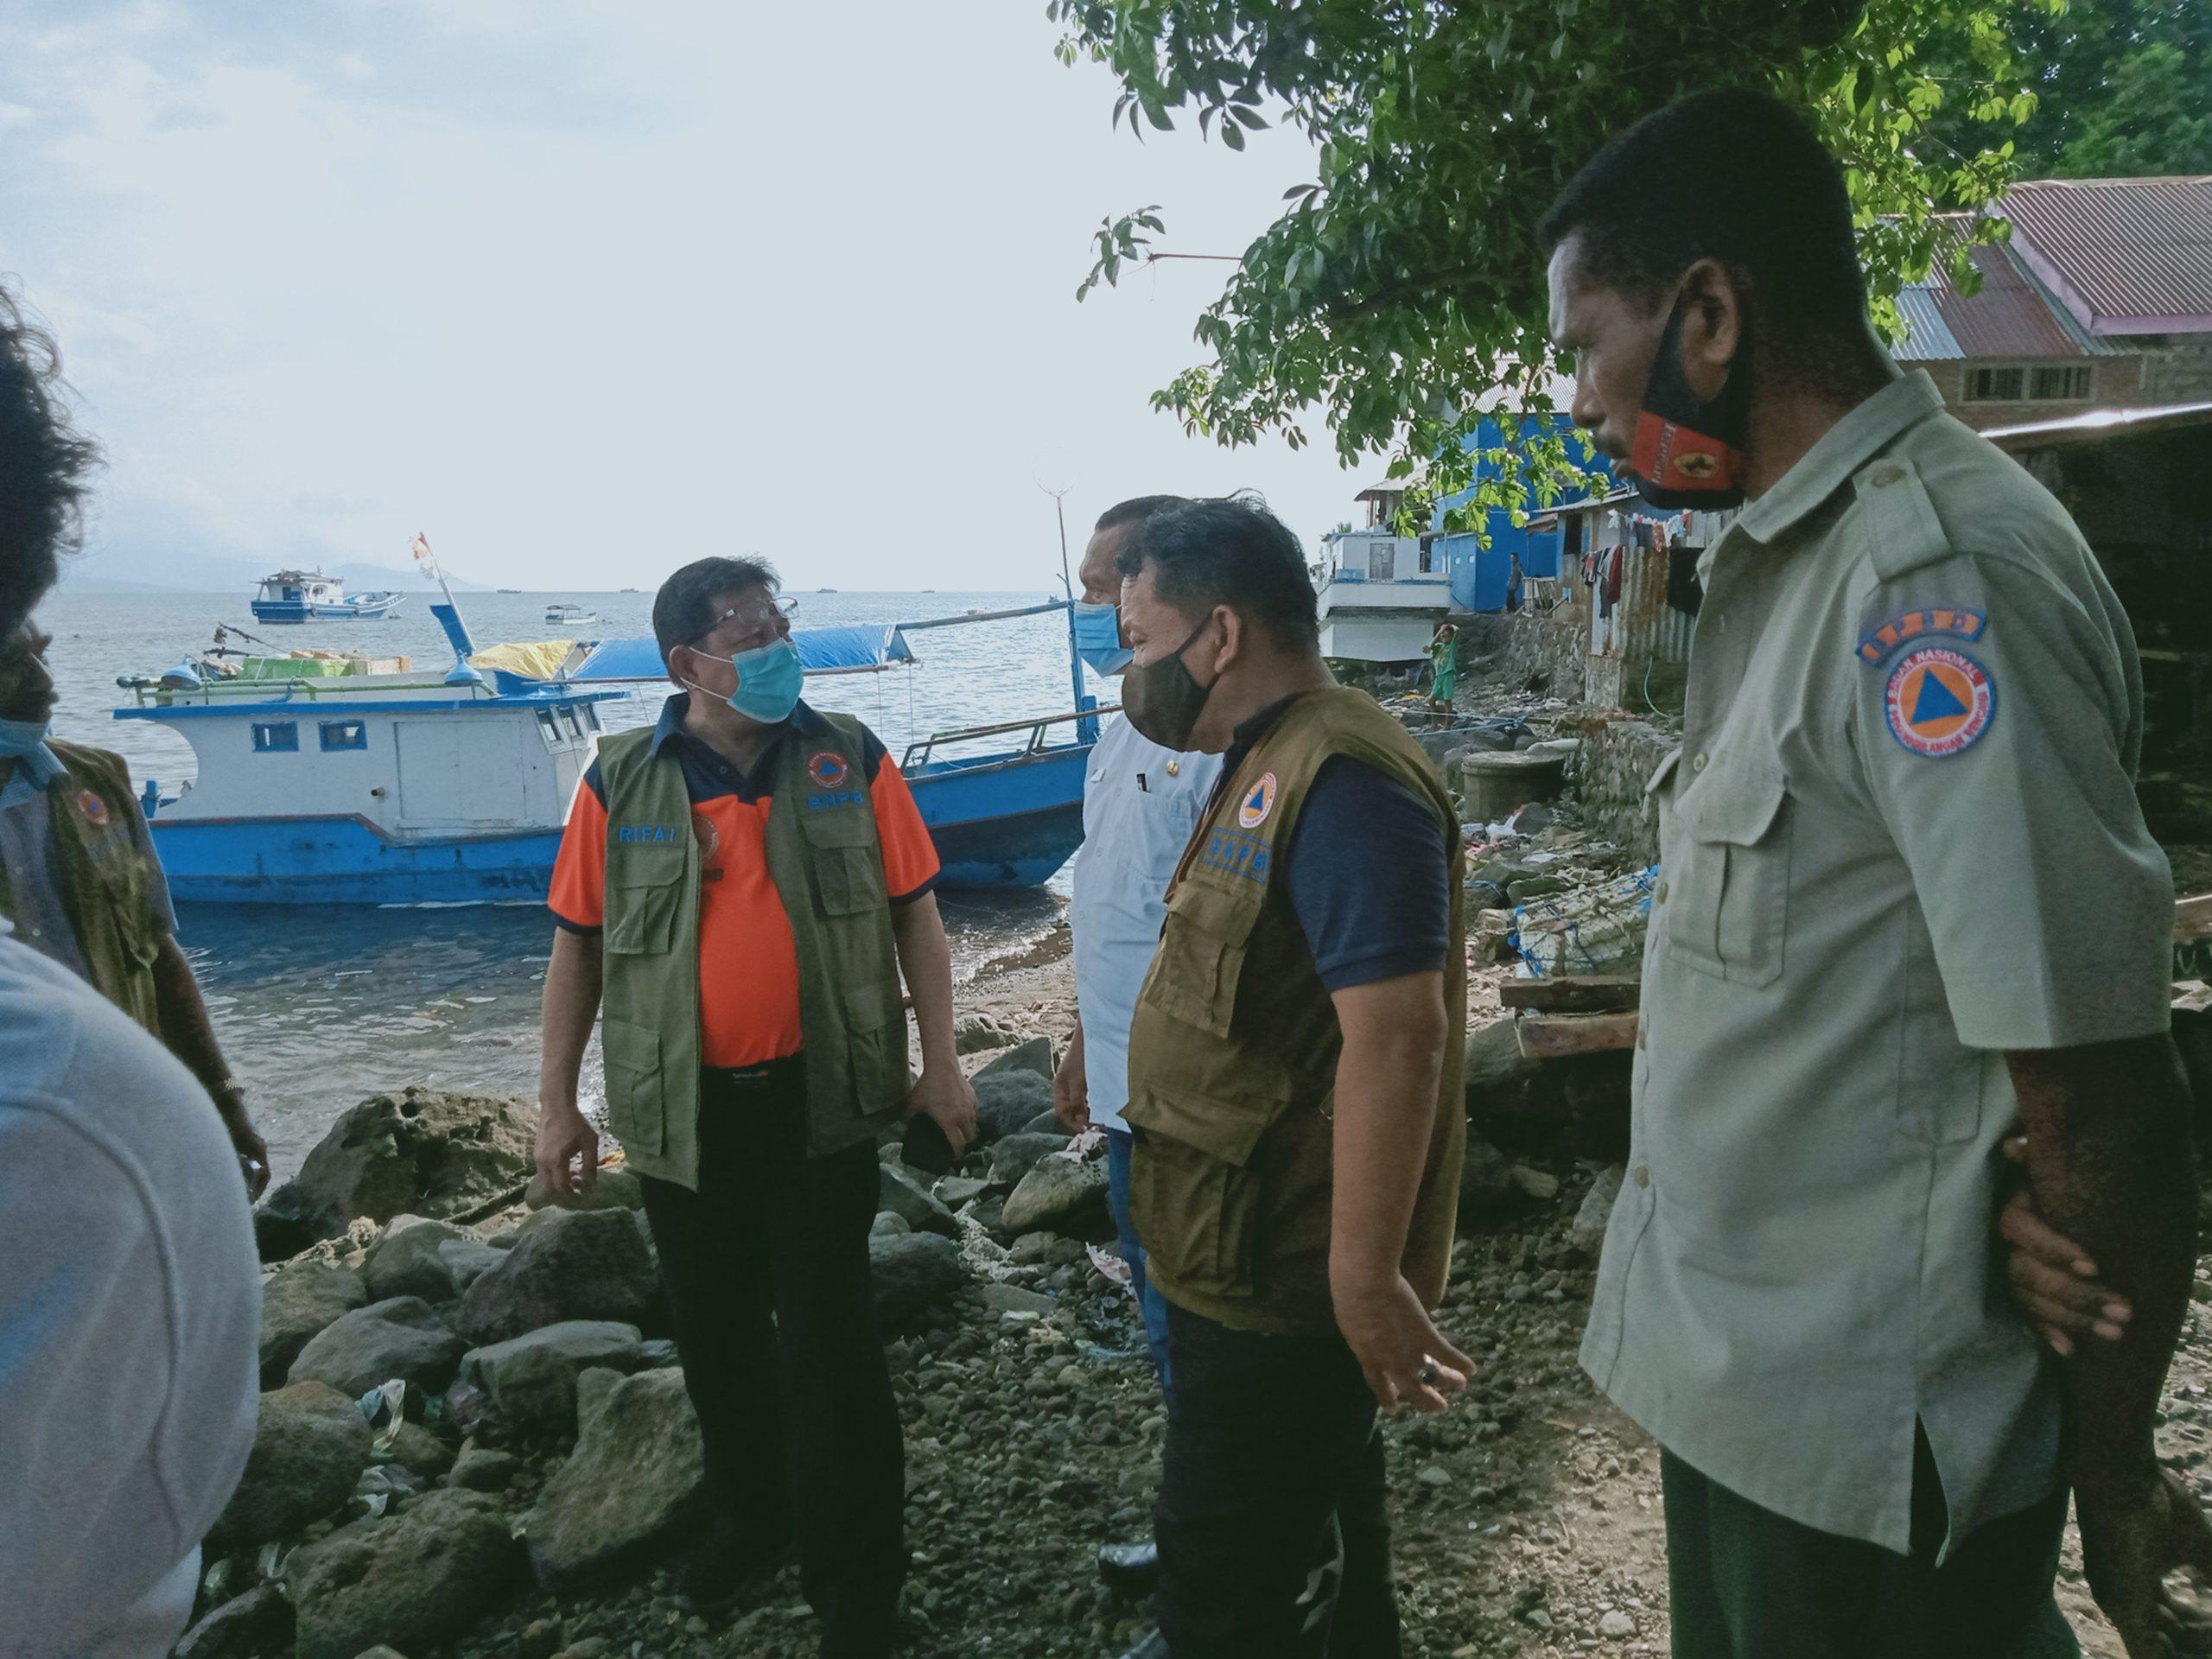 Pemerintah Pusat Kucurkan 15.4 Miliar Bangun Talud Pengaman Pantai Di Flotim